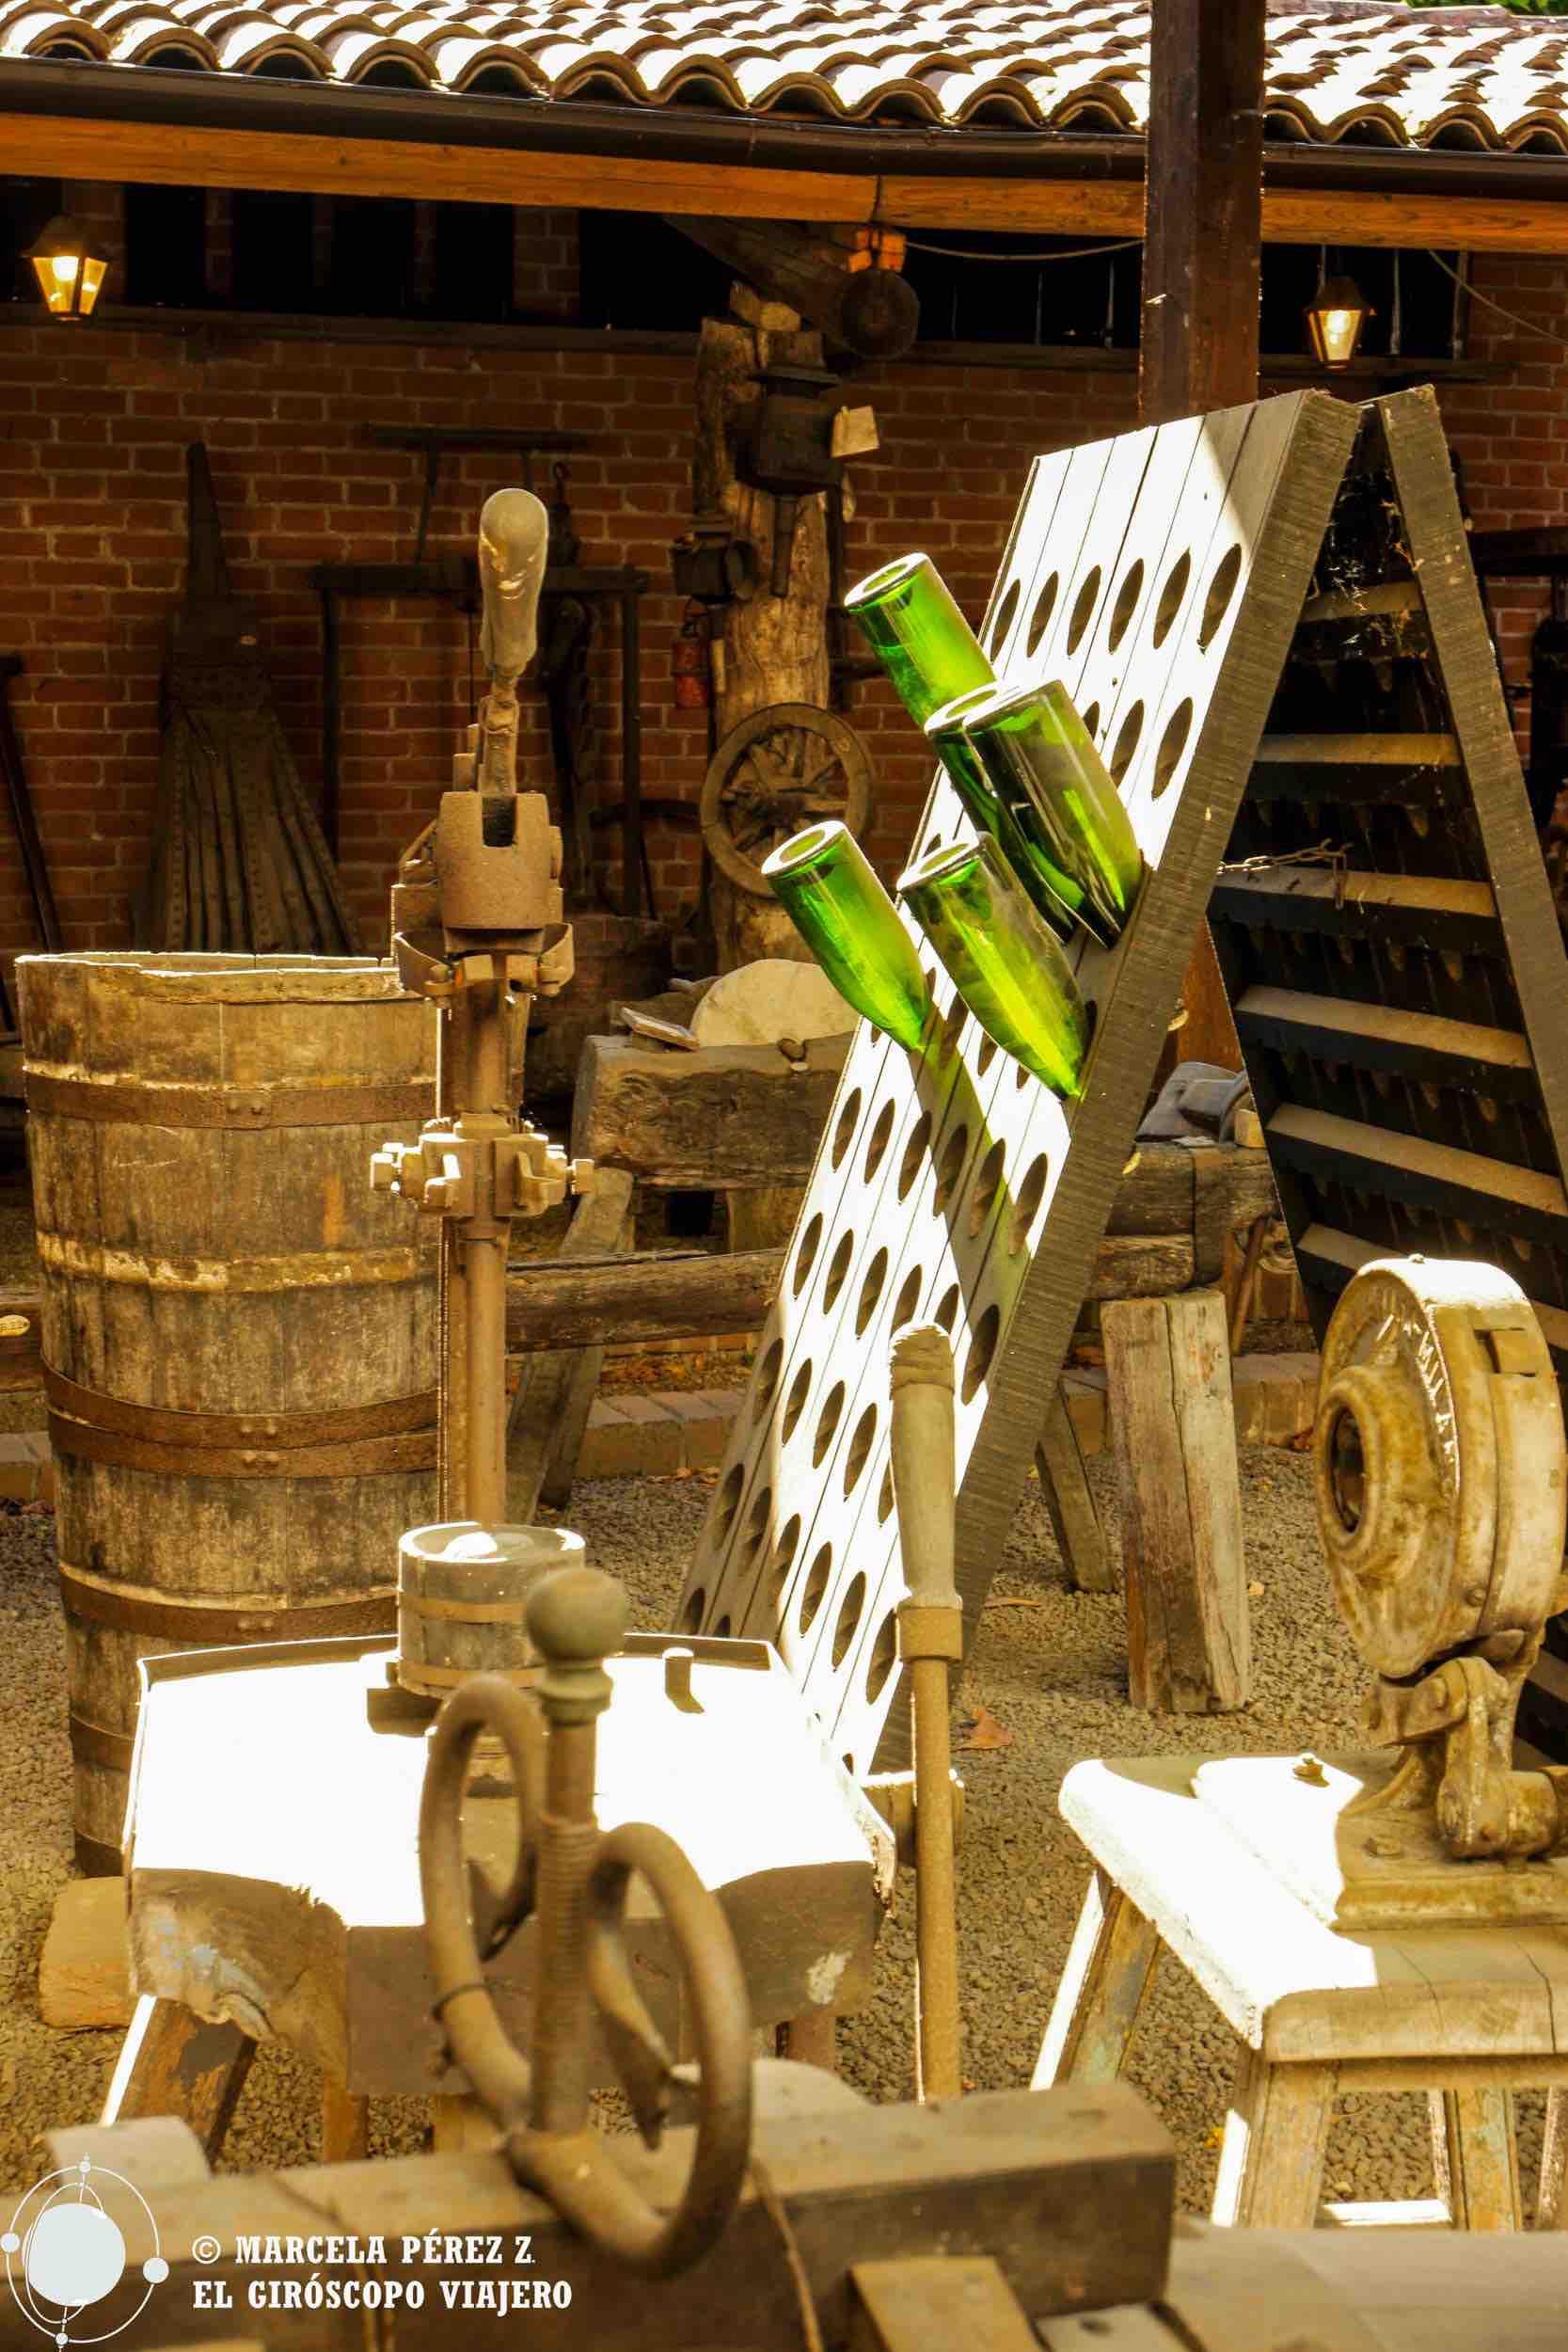 El museo al aire libre de Bersano nos hace un recorrido ilustrativo por el maravilloso arte de hacer vino